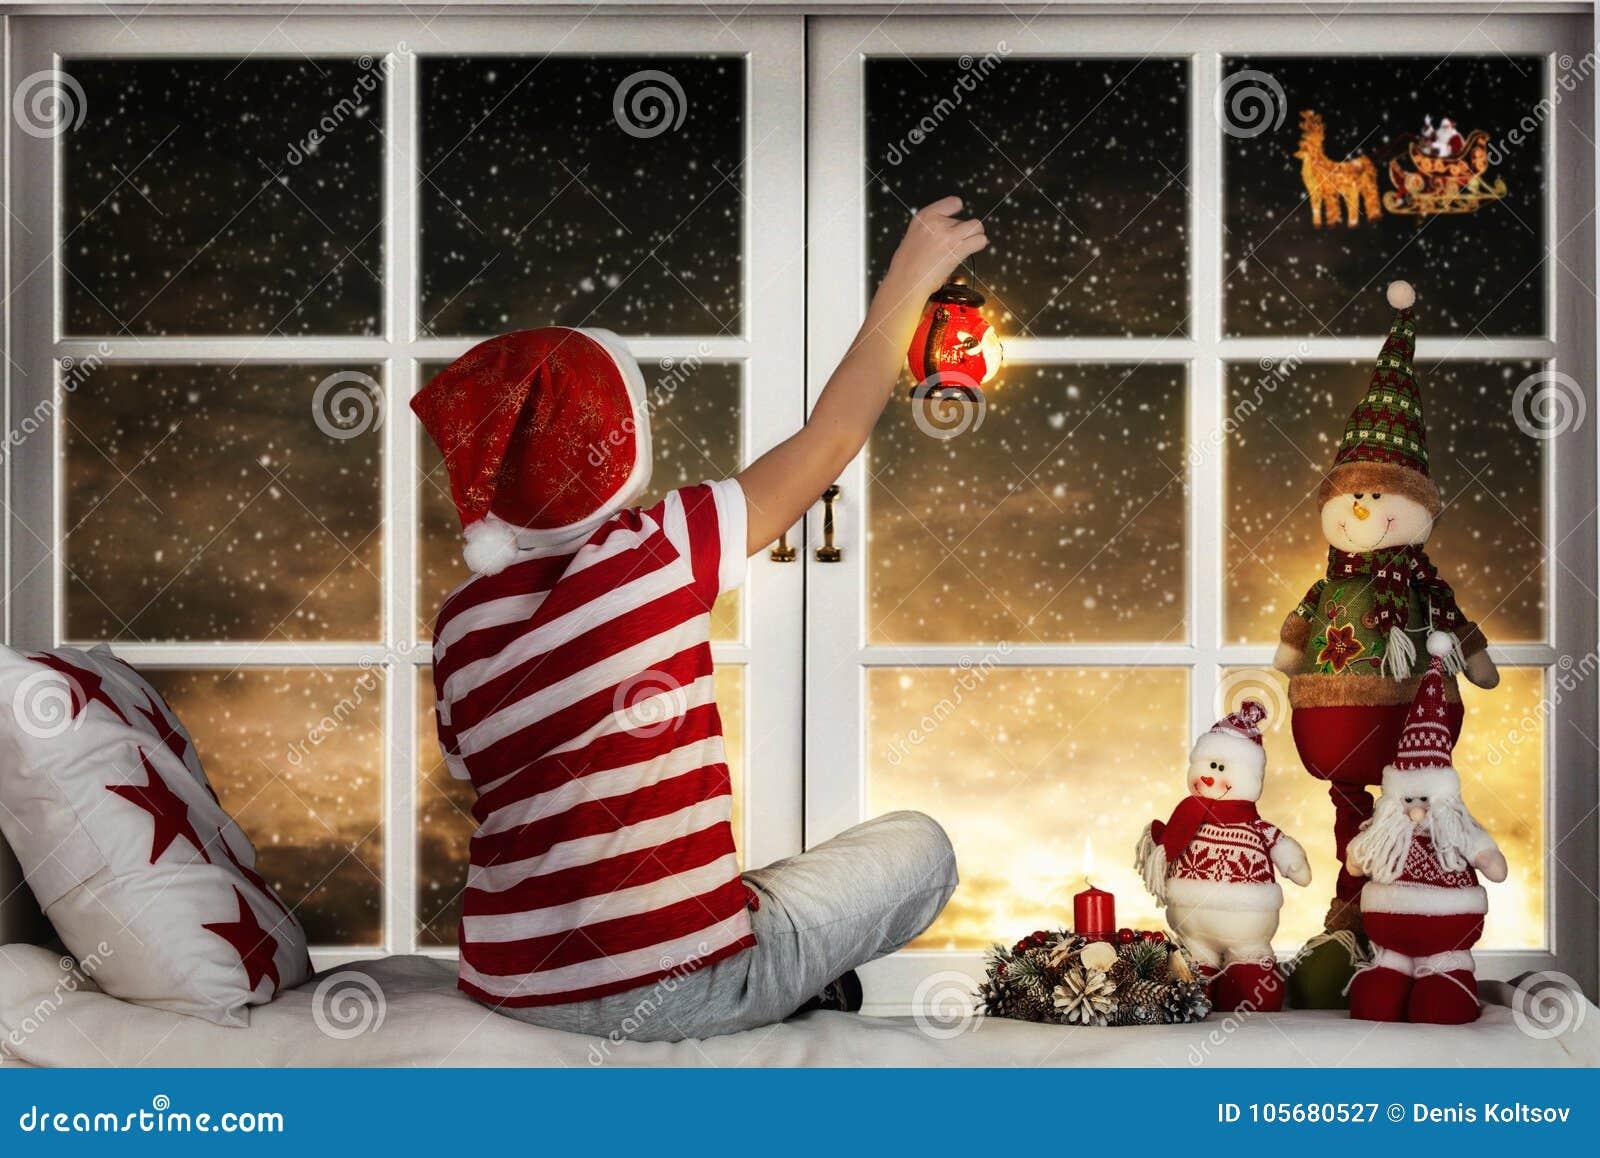 frohe weihnachten und frohe feiertage kleiner junge der. Black Bedroom Furniture Sets. Home Design Ideas